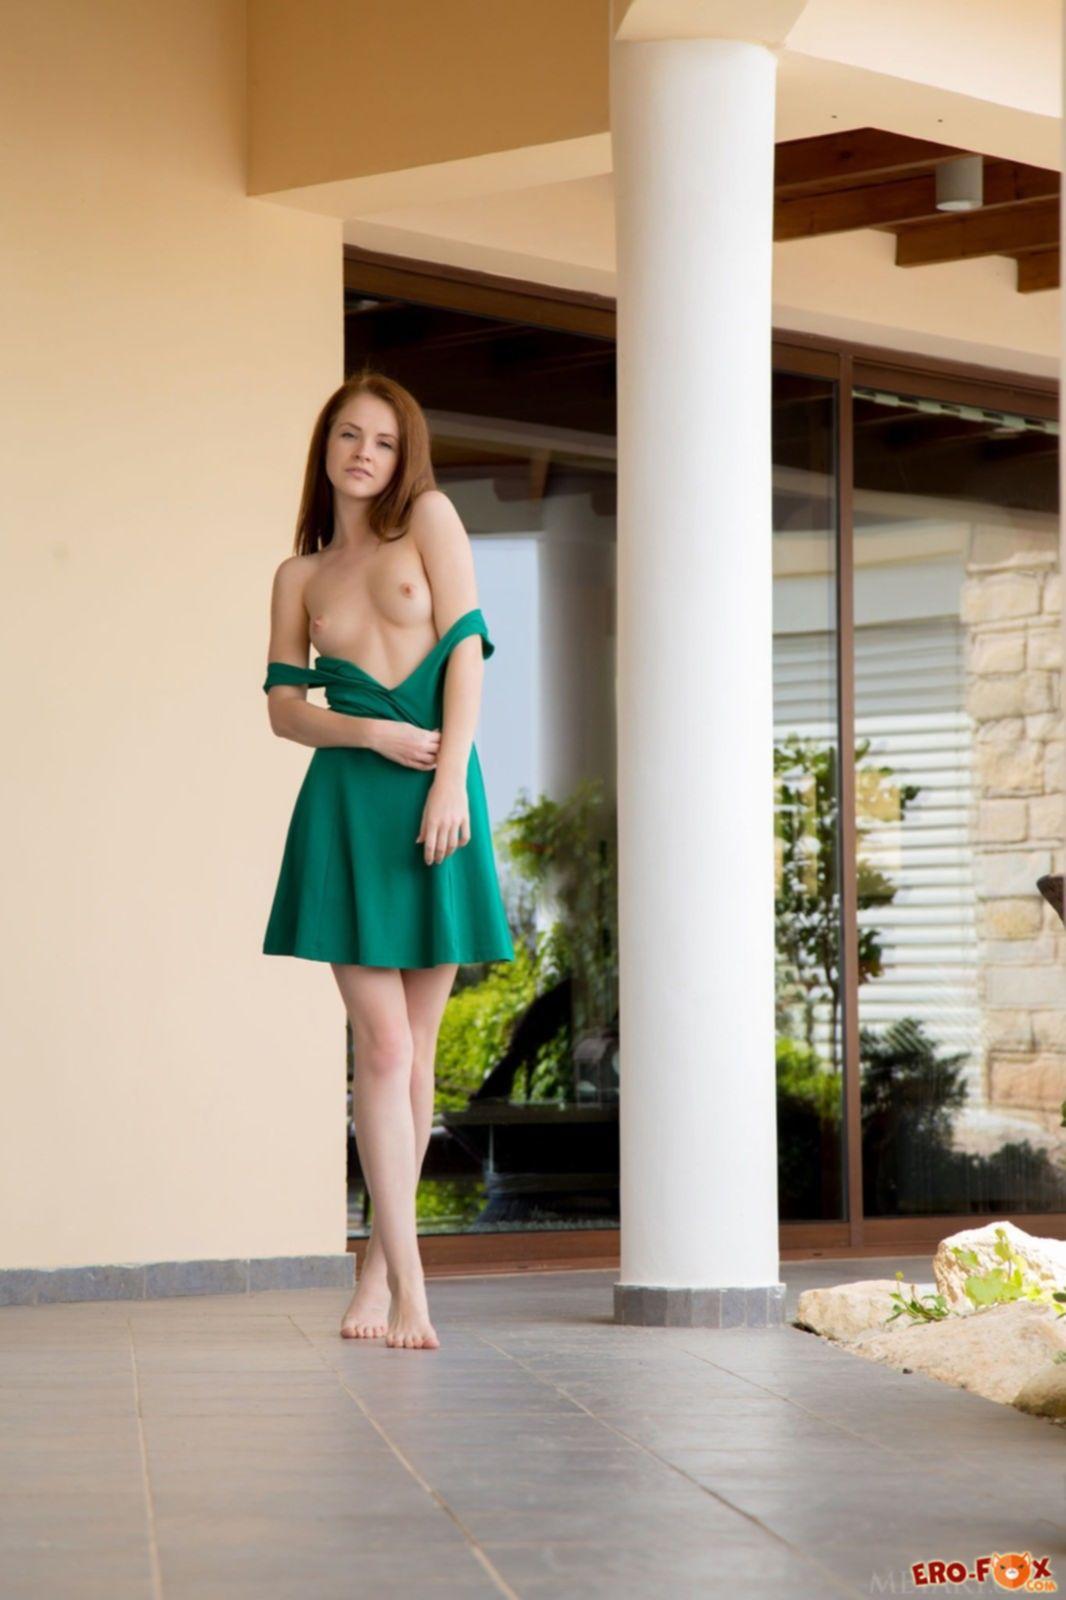 Красотка с плоскими сиськами сняла платье на прогулке - фото